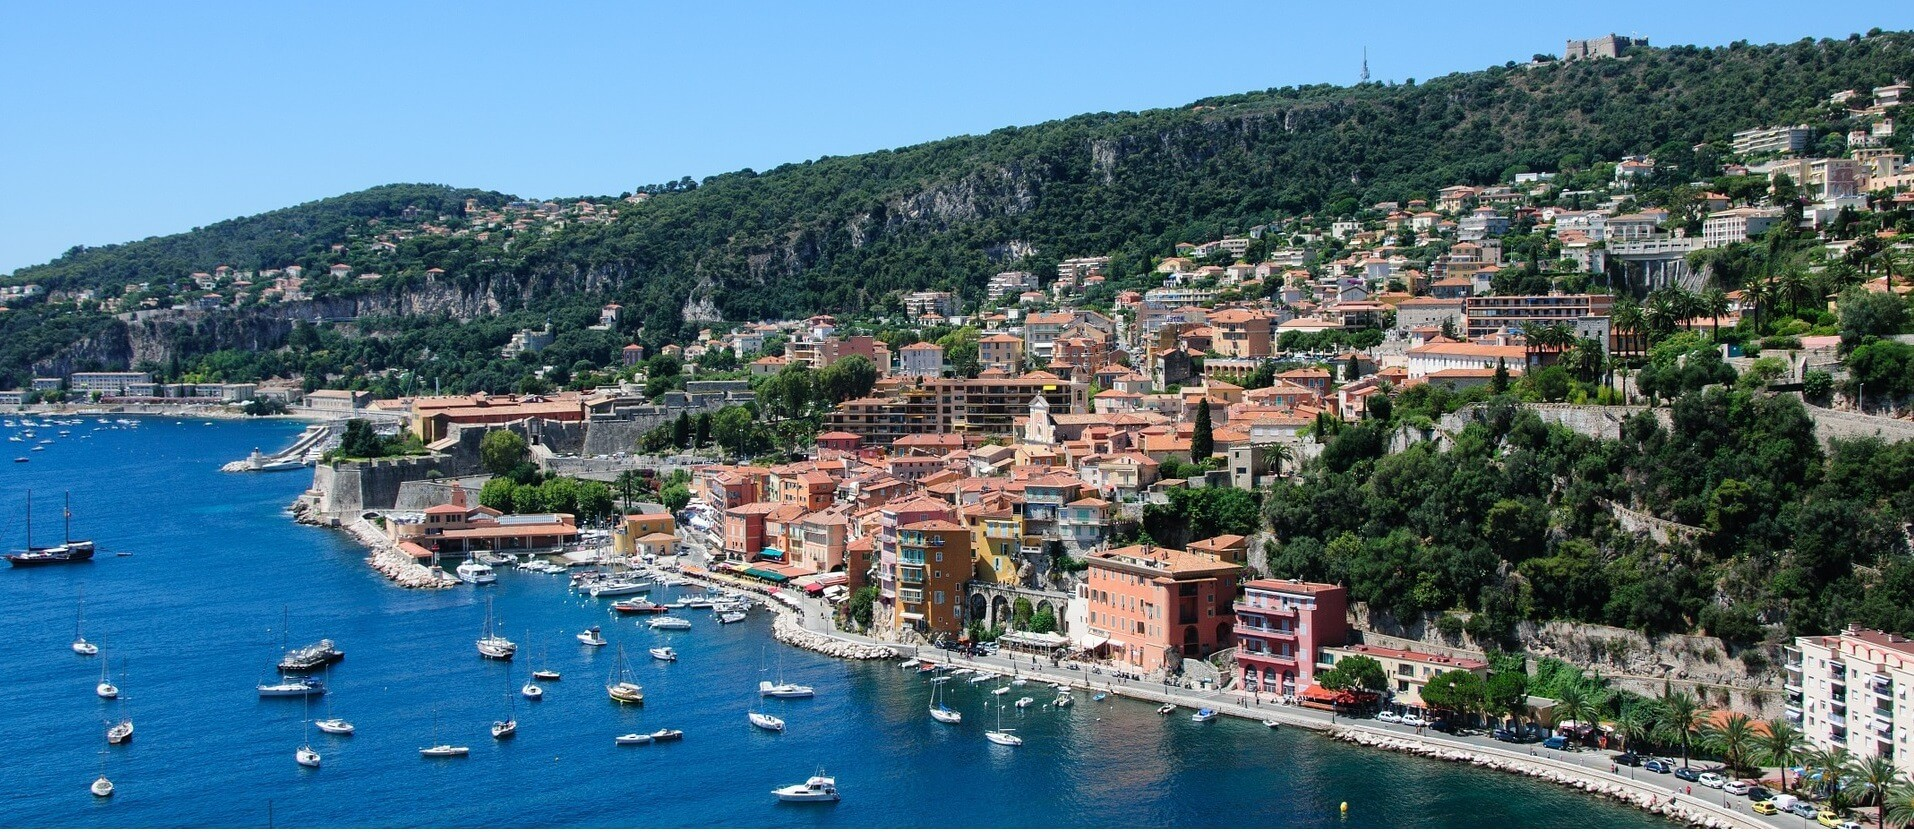 Immobilier en france ce qu 39 il faut savoir avant d 39 acheter - Mobilier bord de mer ...